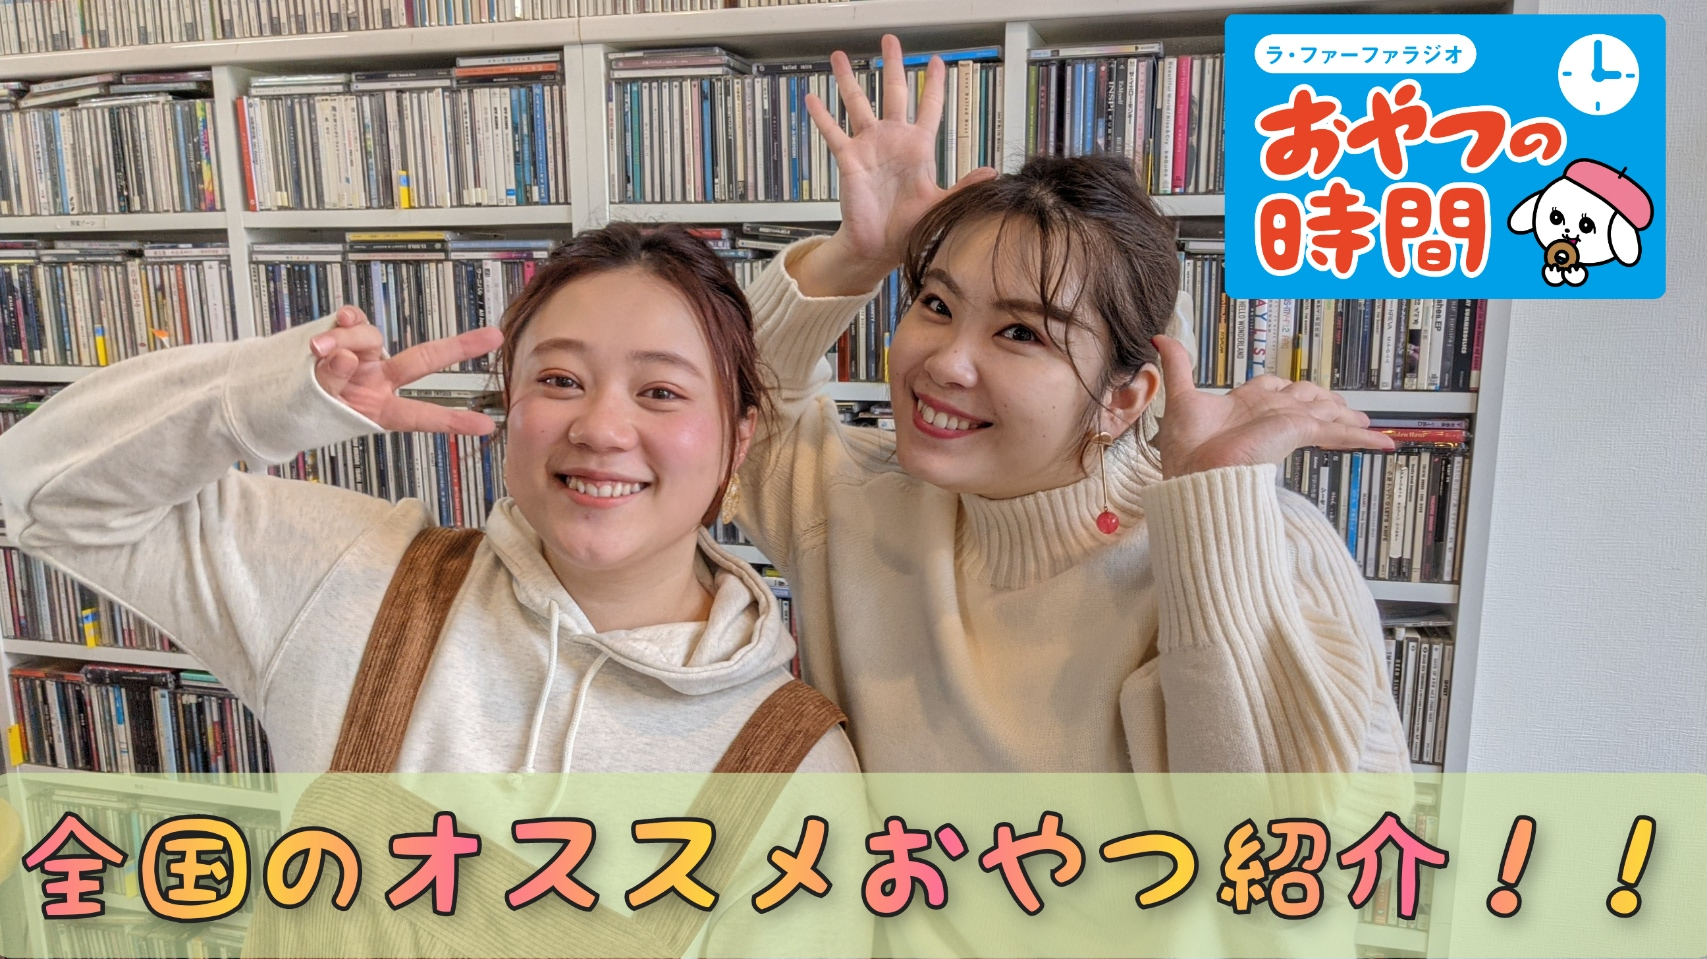 【動画あり】『ラファーファラジオ おやつの時間』#2(11/8放送分)